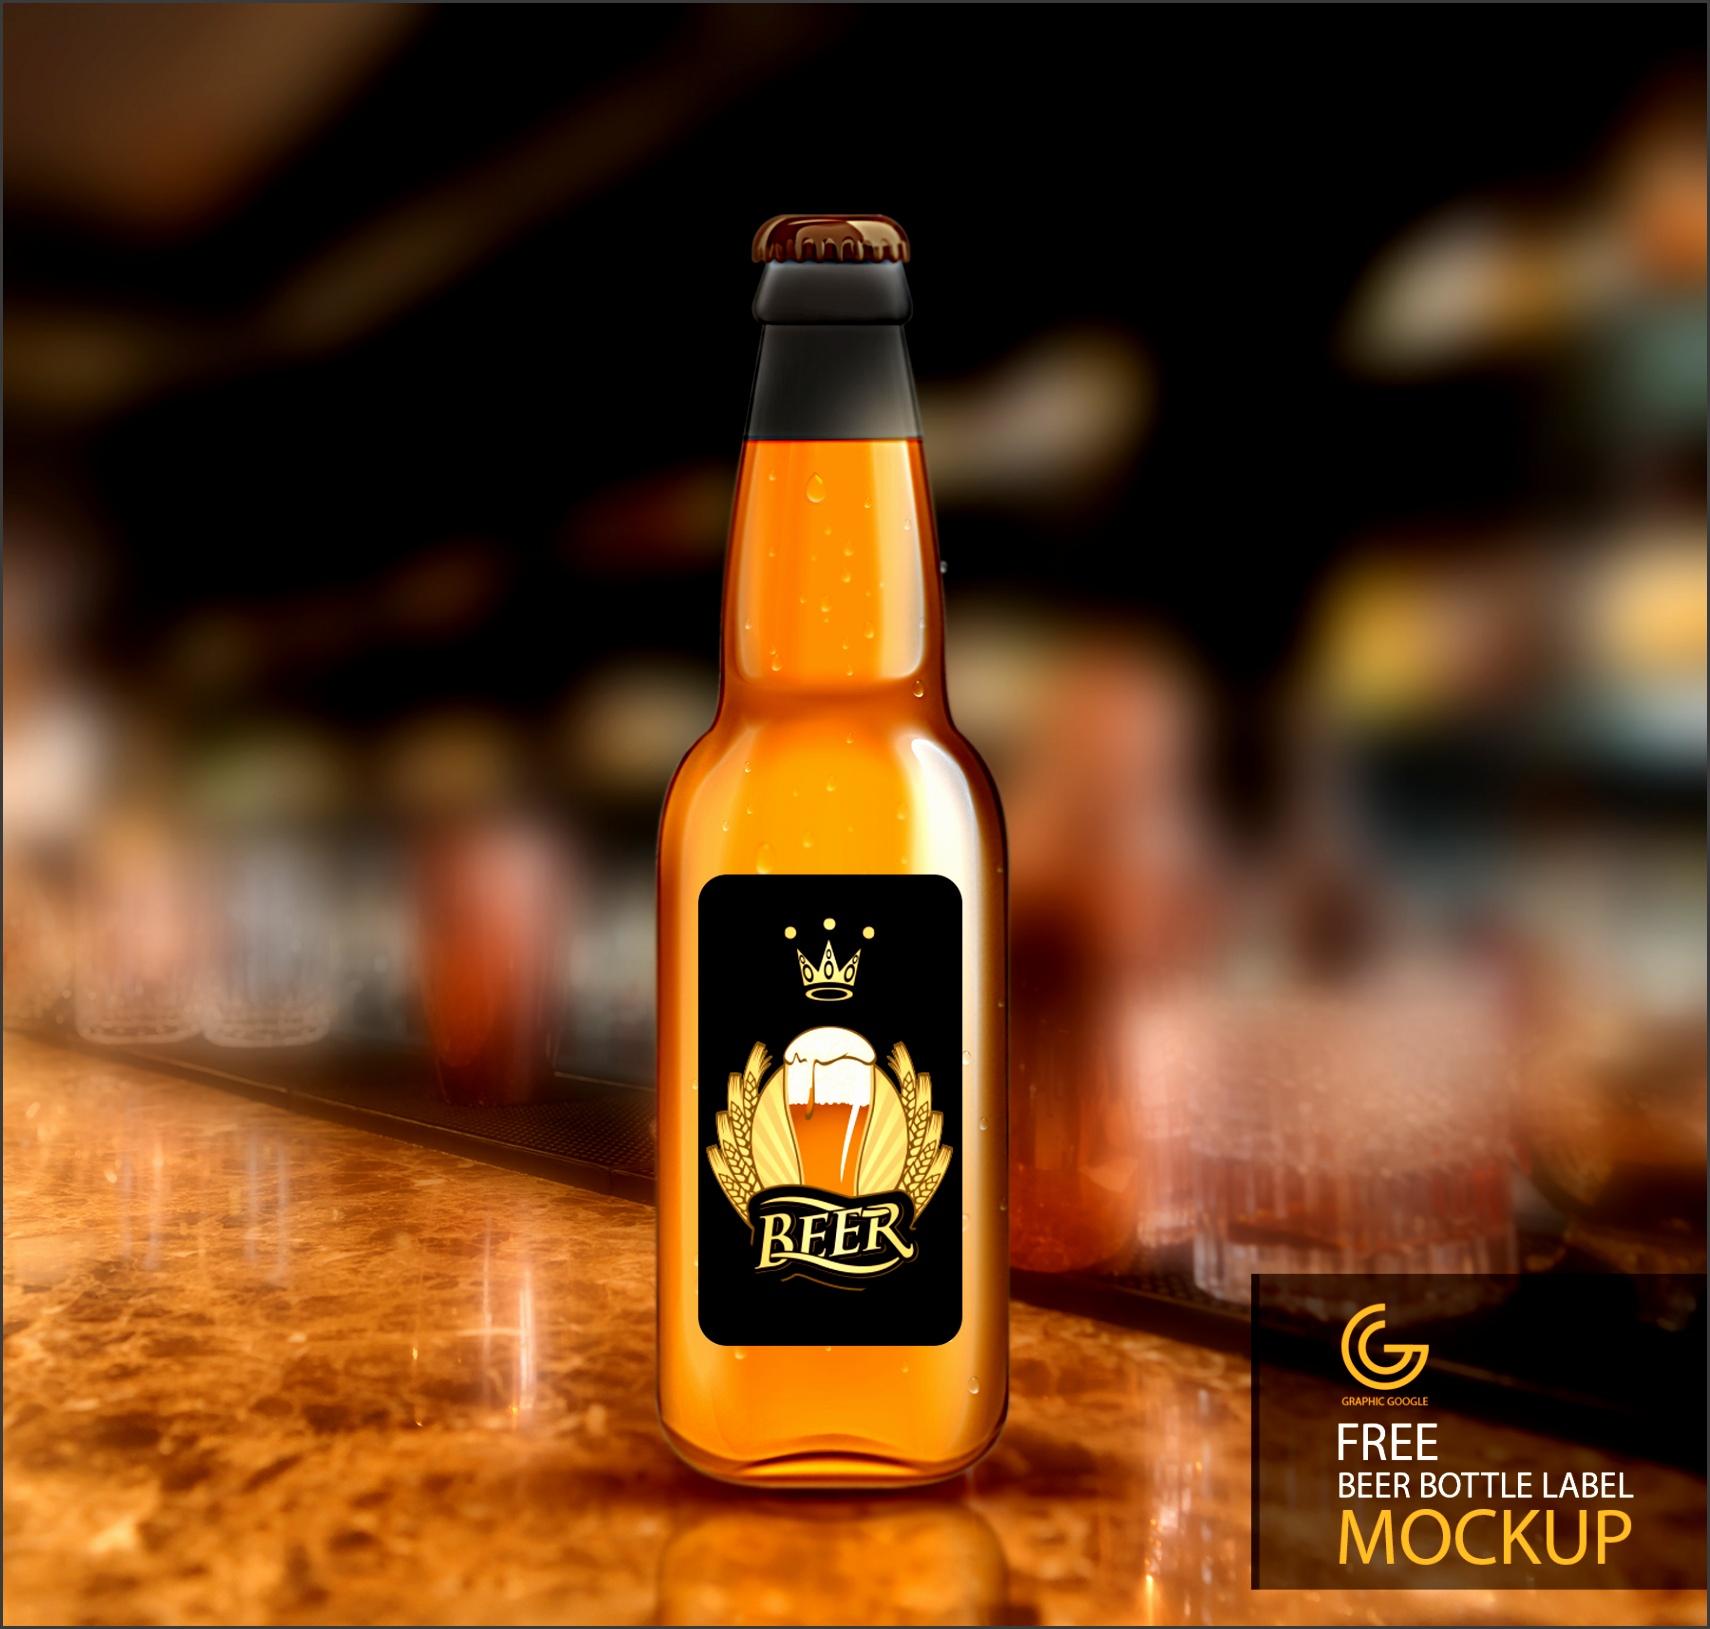 Free Beer Bottle Label Mockup Button Download